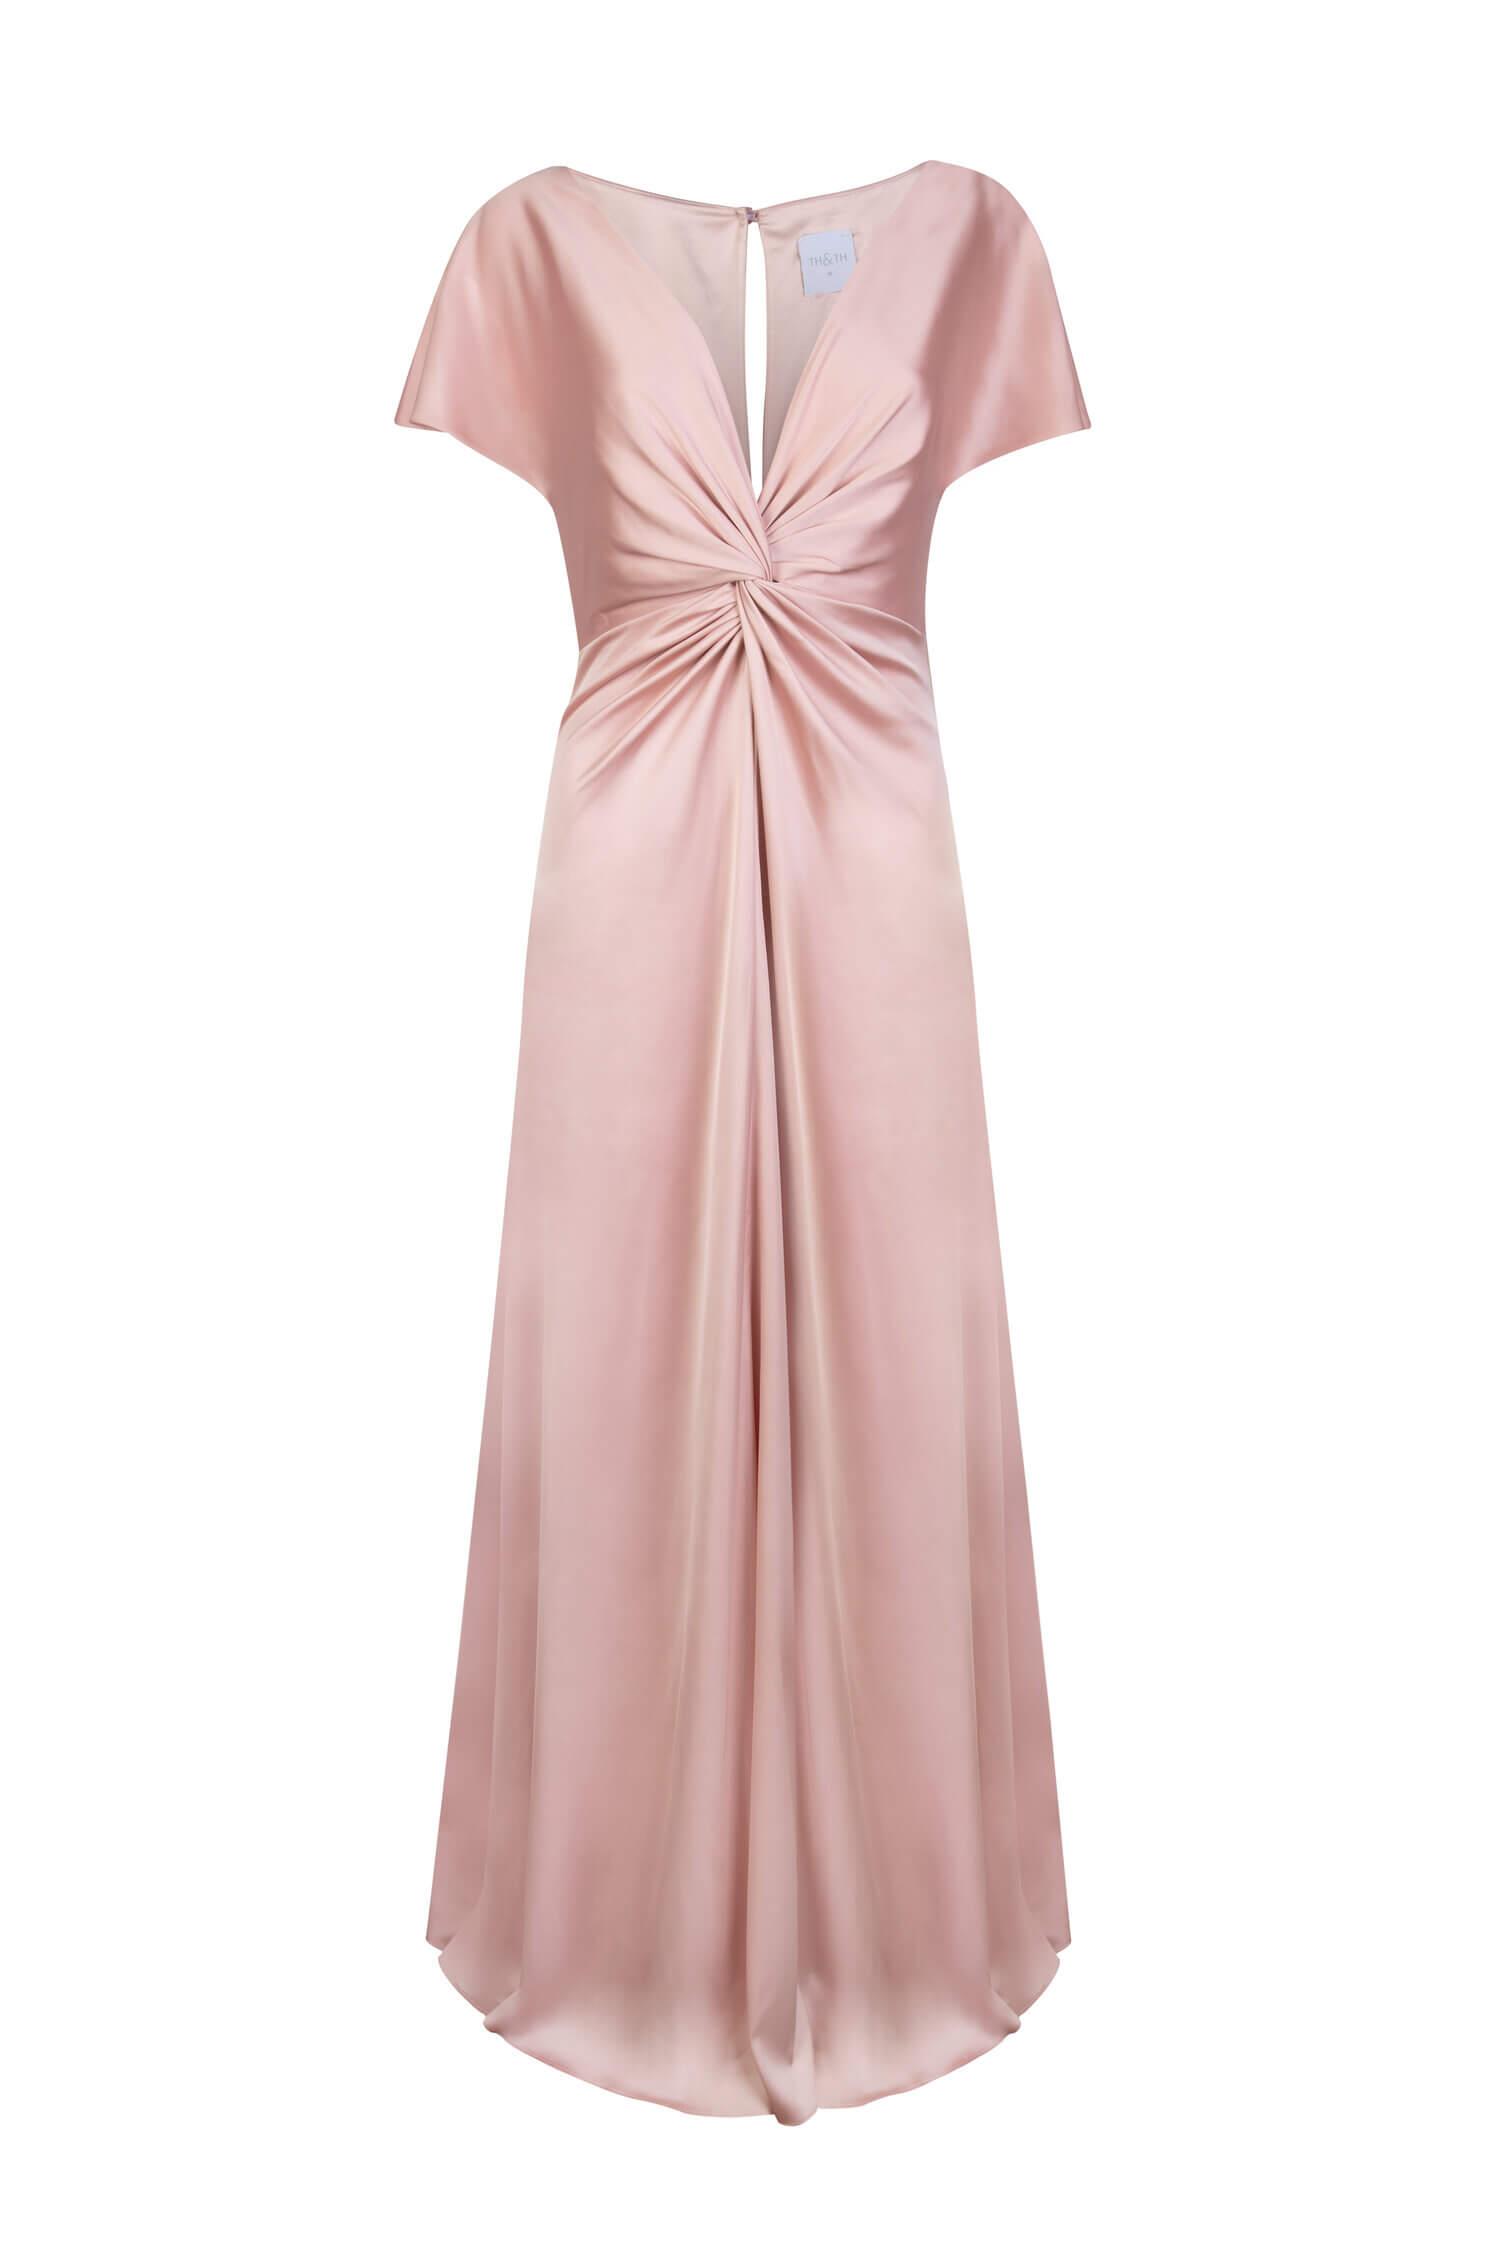 TH&H Camilla Bridesmaid Dress TH&H Bridesmaid Dress Blush Pink